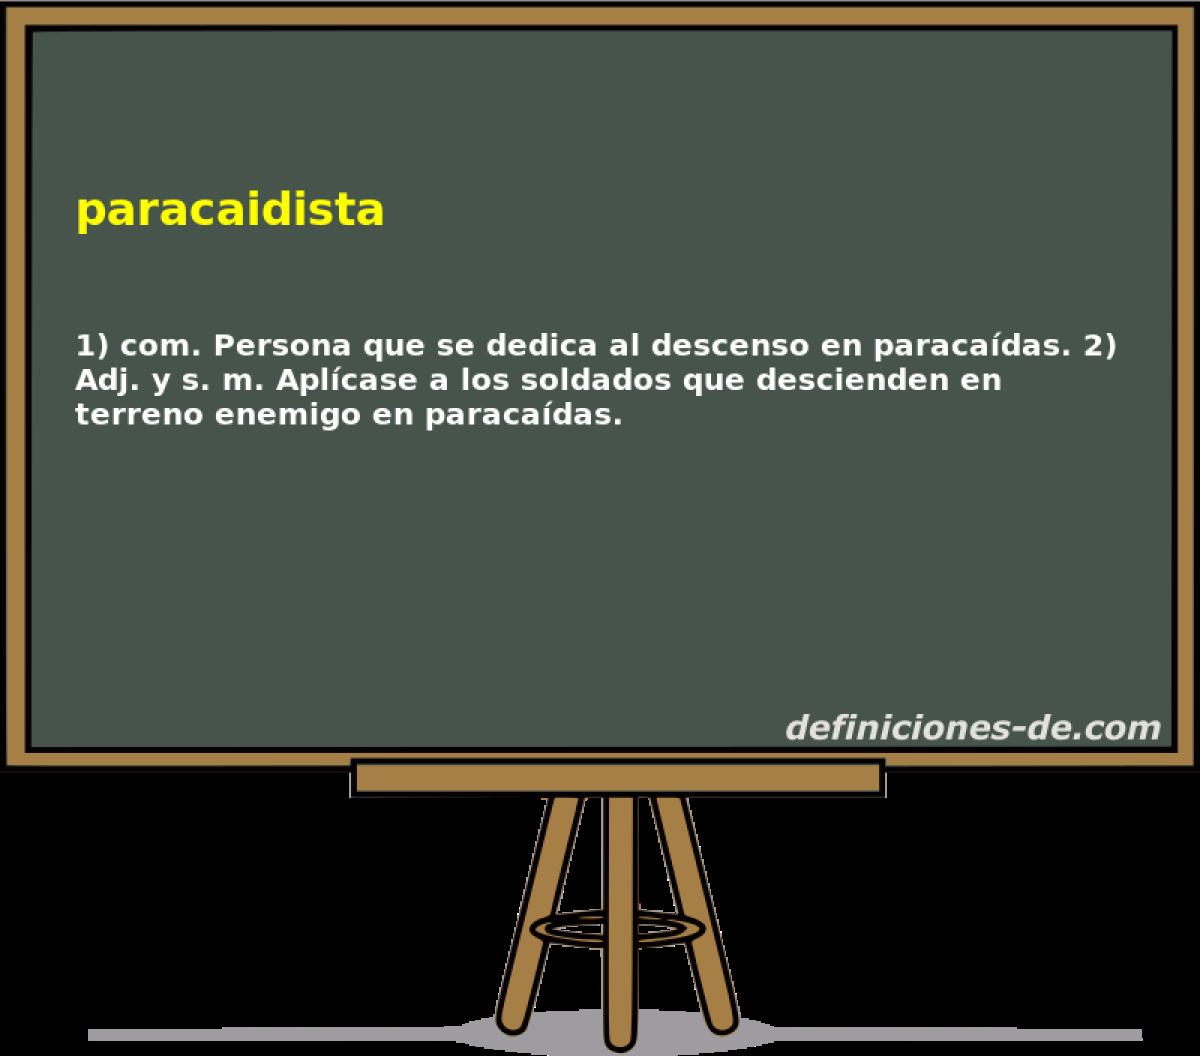 Qué significa Paracaidista?